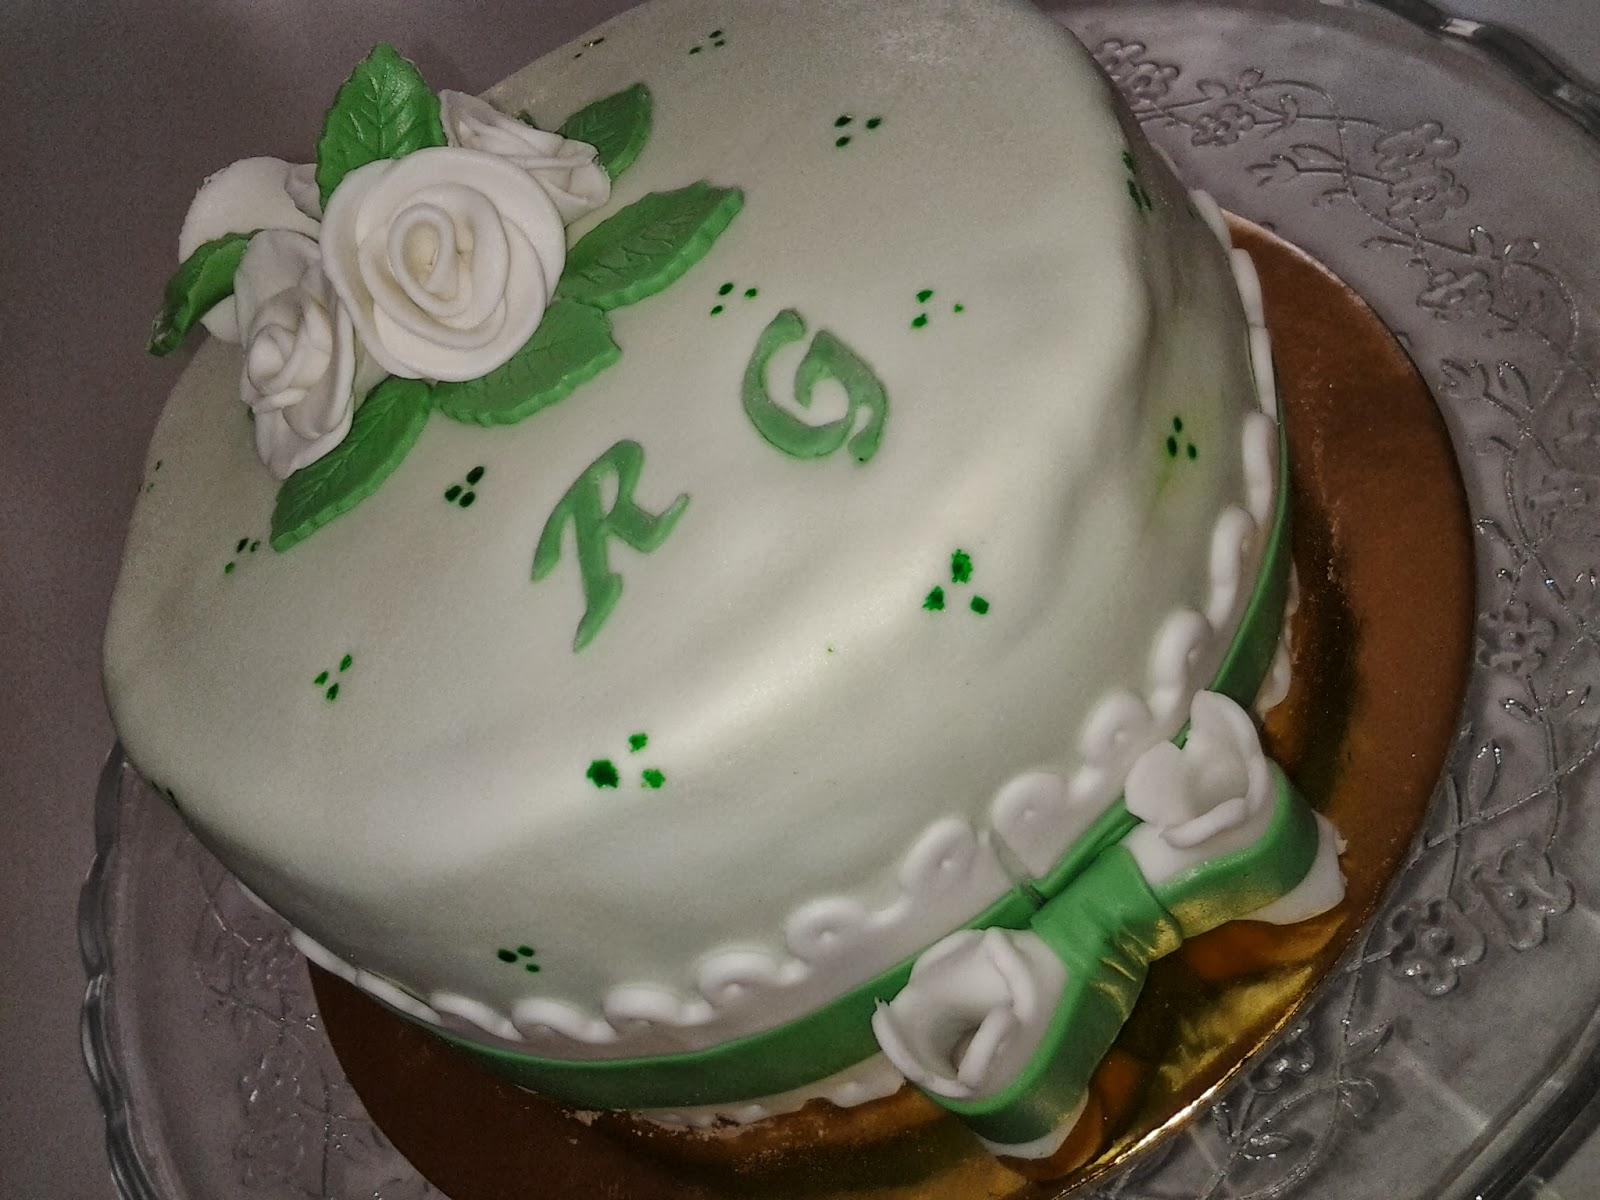 abbastanza torta 40 anni di matrimonio! | TeLaFaccioioLaTorta ZR89